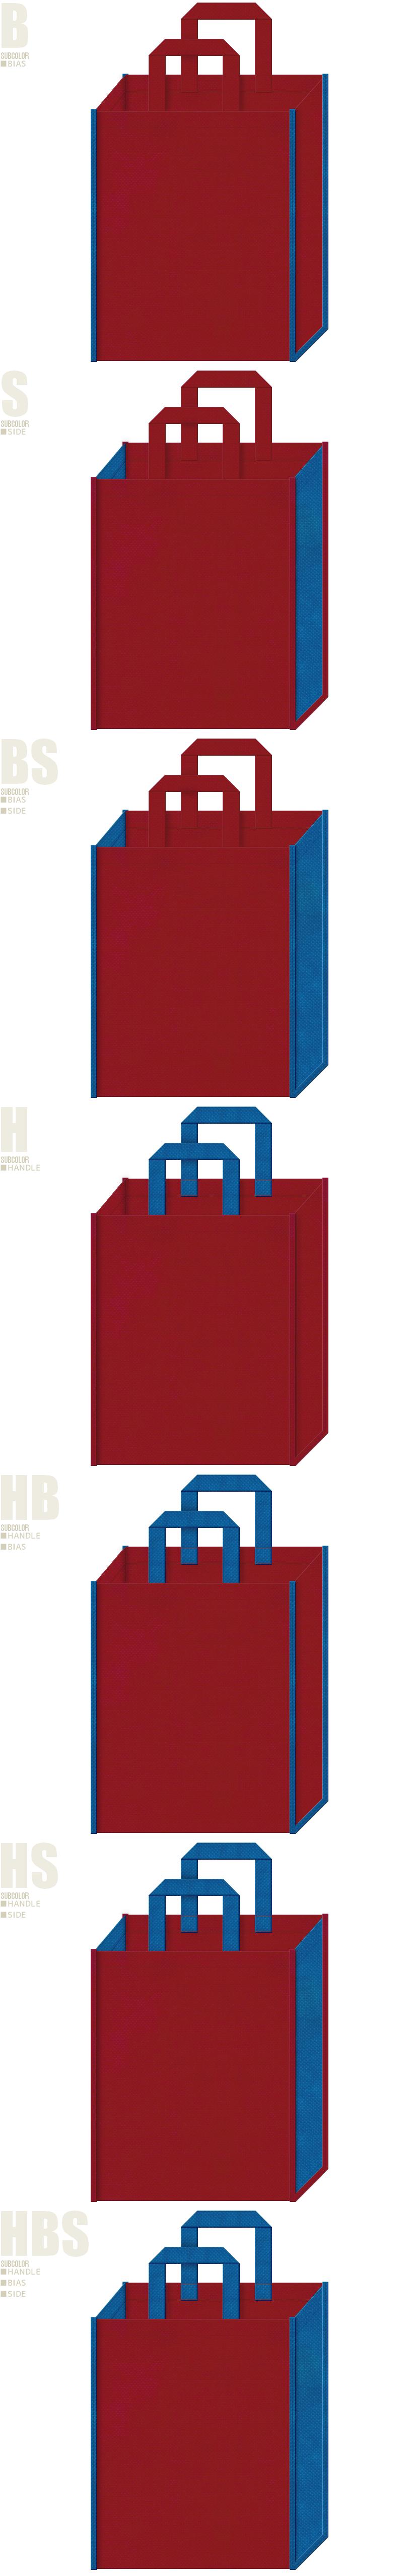 不織布バッグのデザイン:エンジ色と青色の配色7パターン